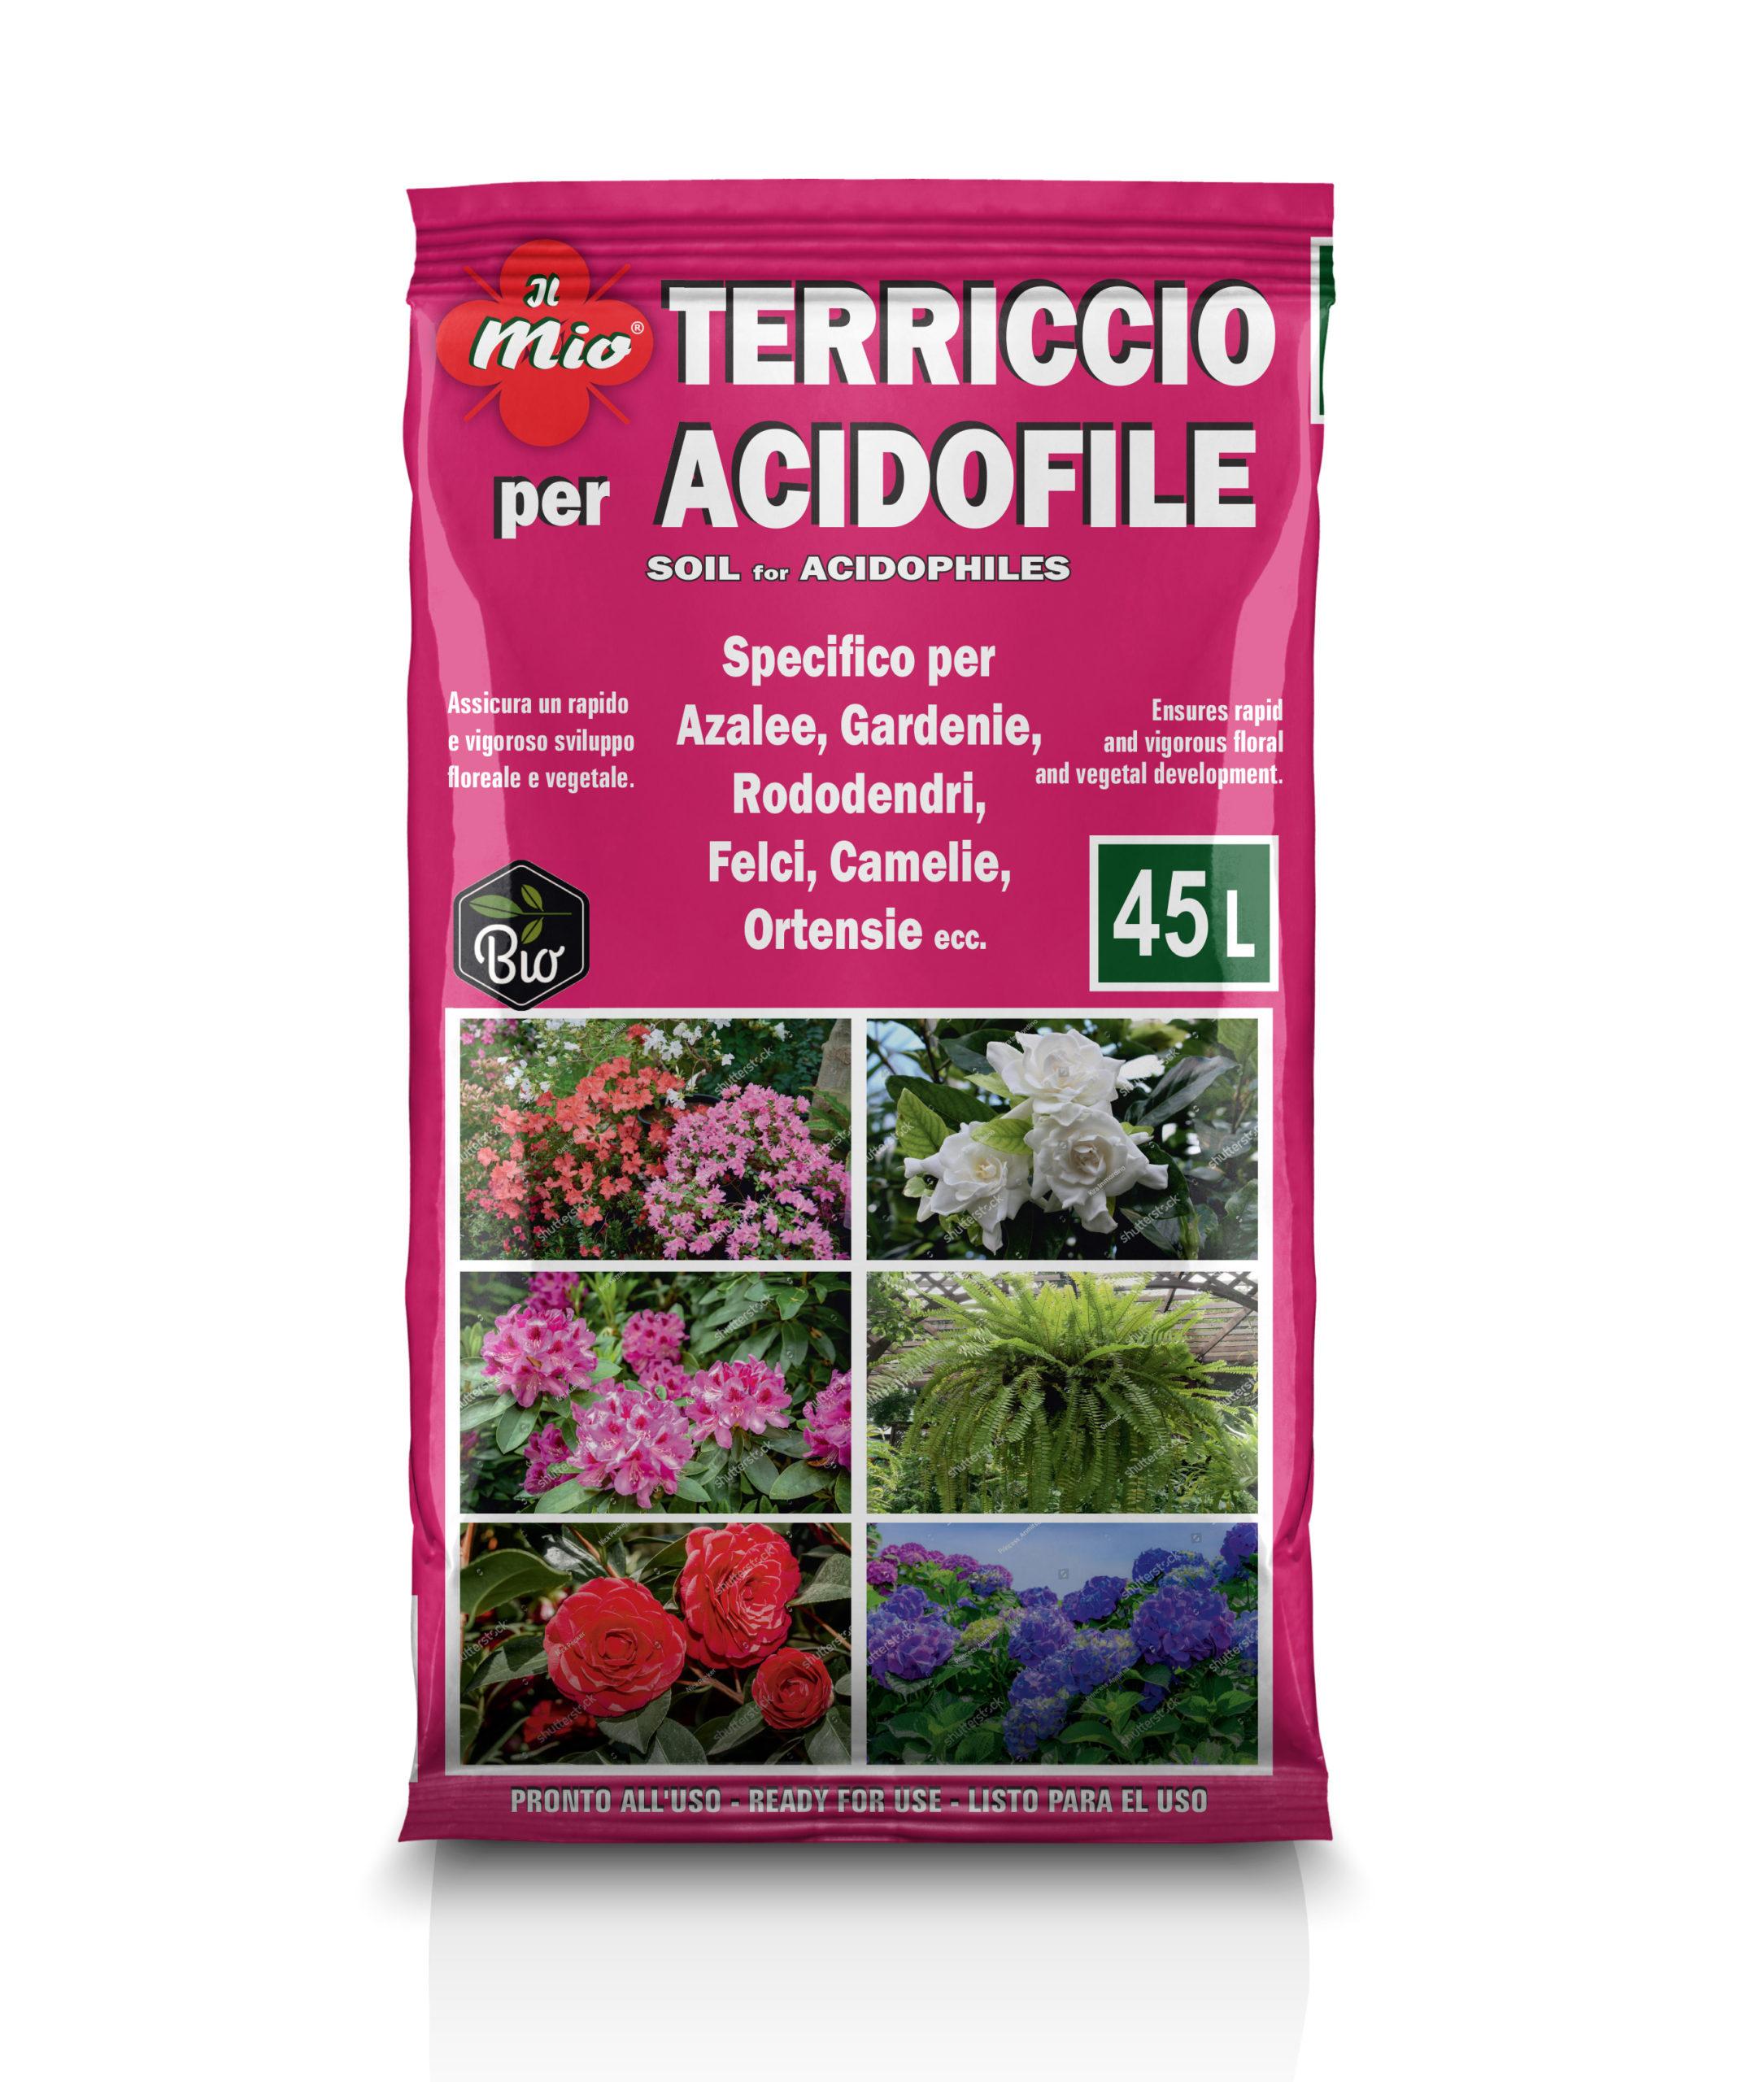 Terriccio specifico per Acidofile Biologico